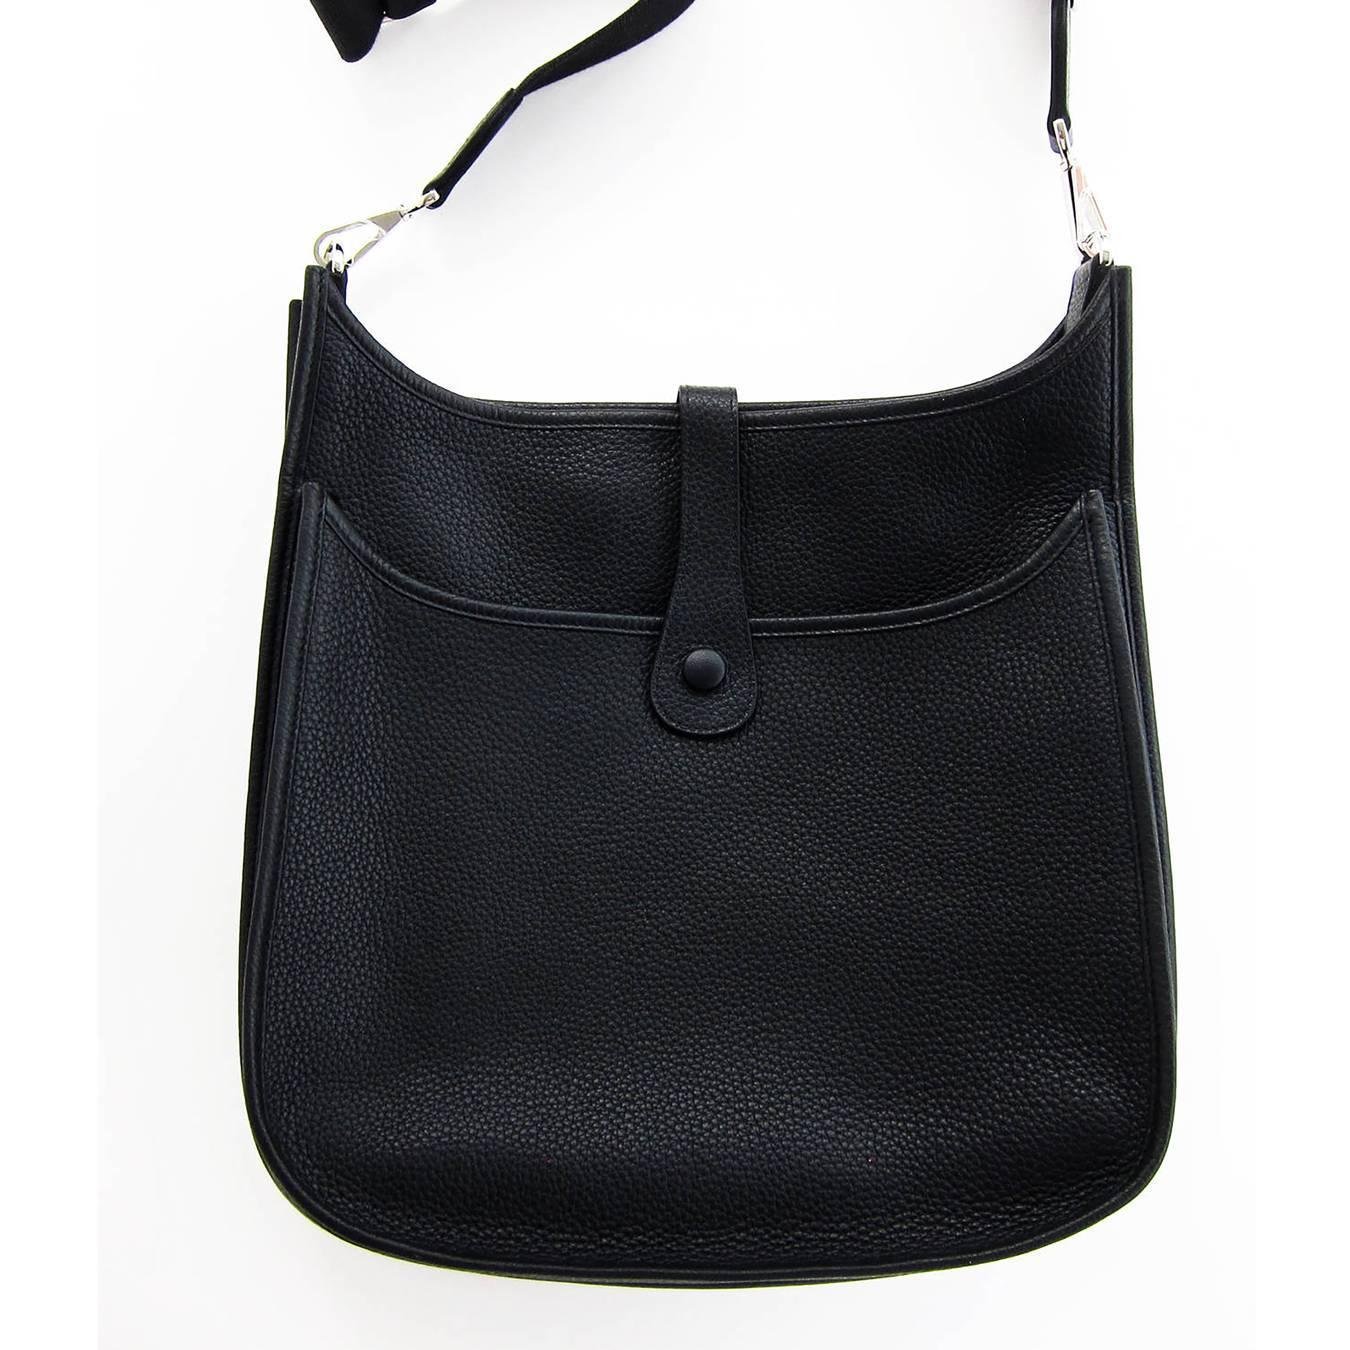 Hermes Black Evelyne Unisex GM Clemence Cross Body Messenger Bag ...